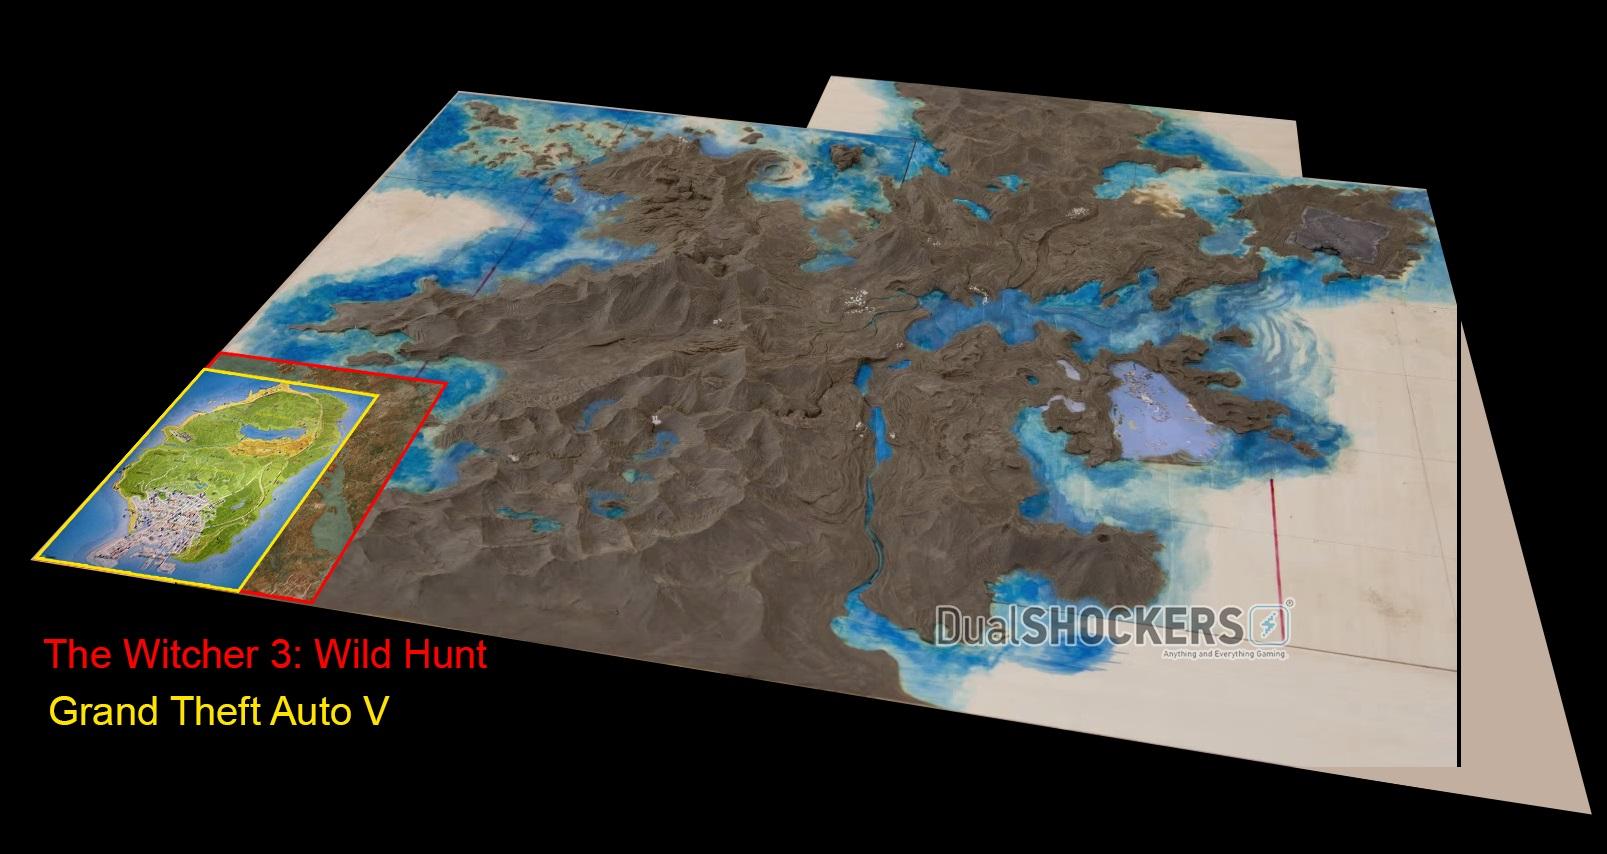 Absurdo! Mapa de Final Fantasy XV é colossal perto dos de GTA V e Witcher 3